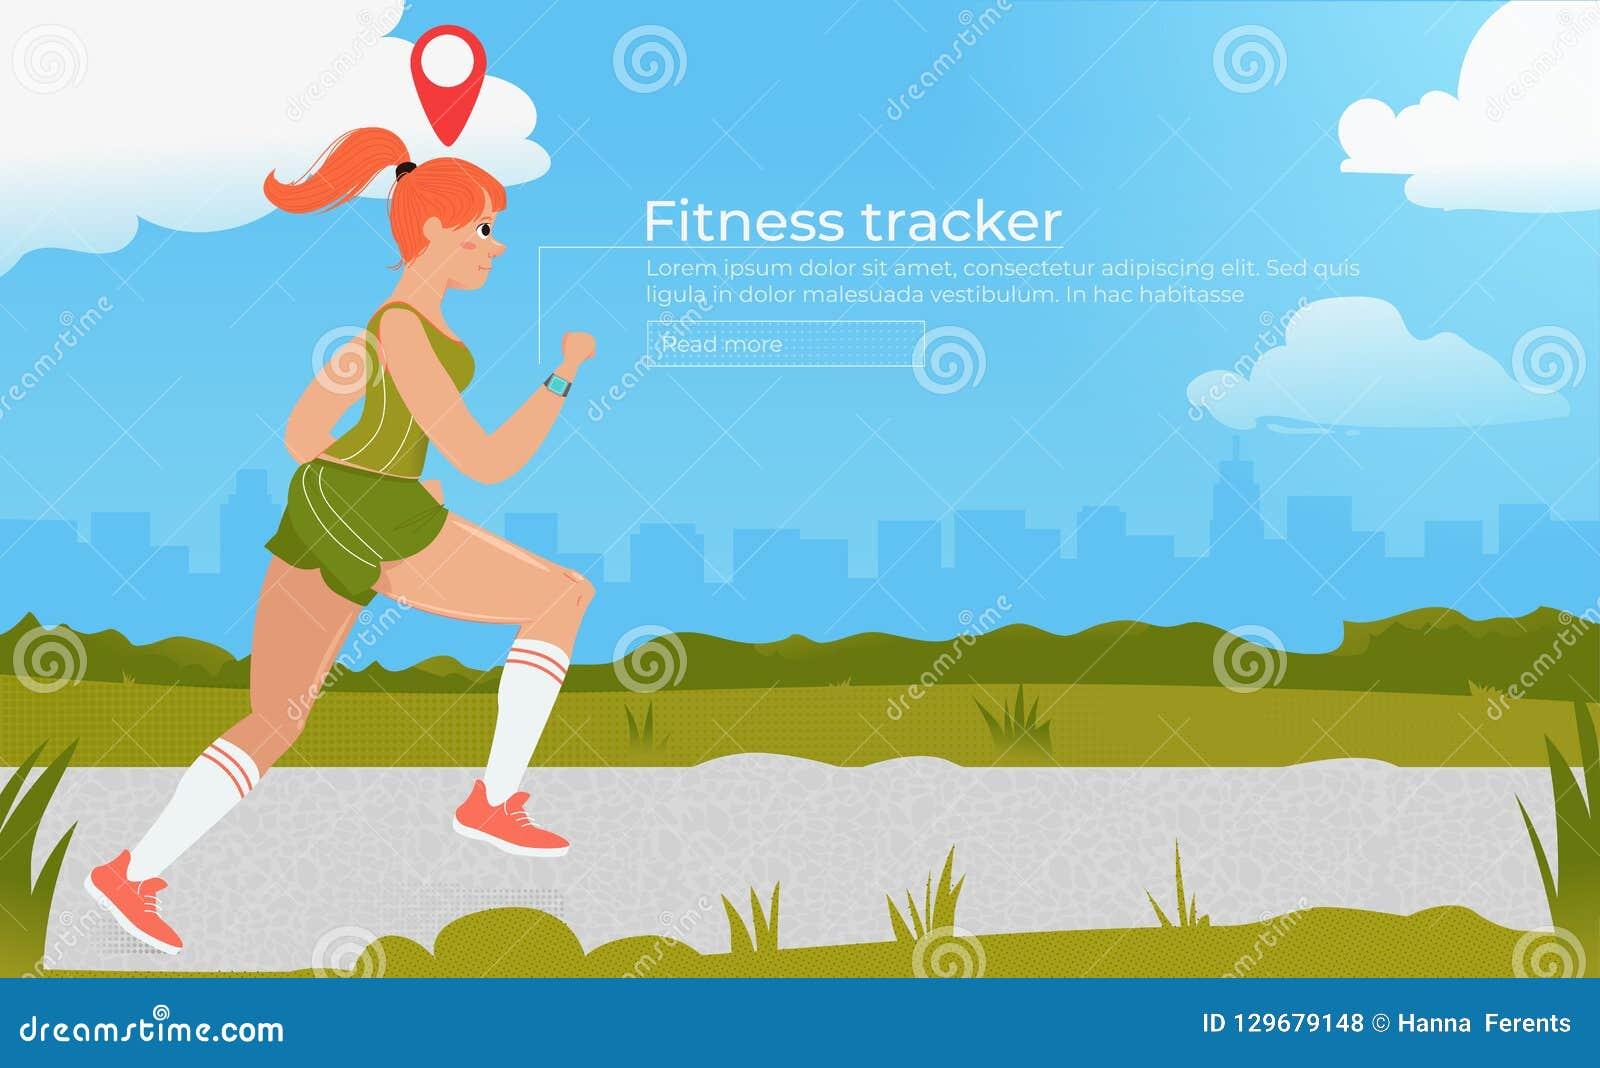 Атлетическая женщина на беге с отслежывателем фитнеса Cardio тренировки Разминка на outdoors в парке concept healthy lifestyle